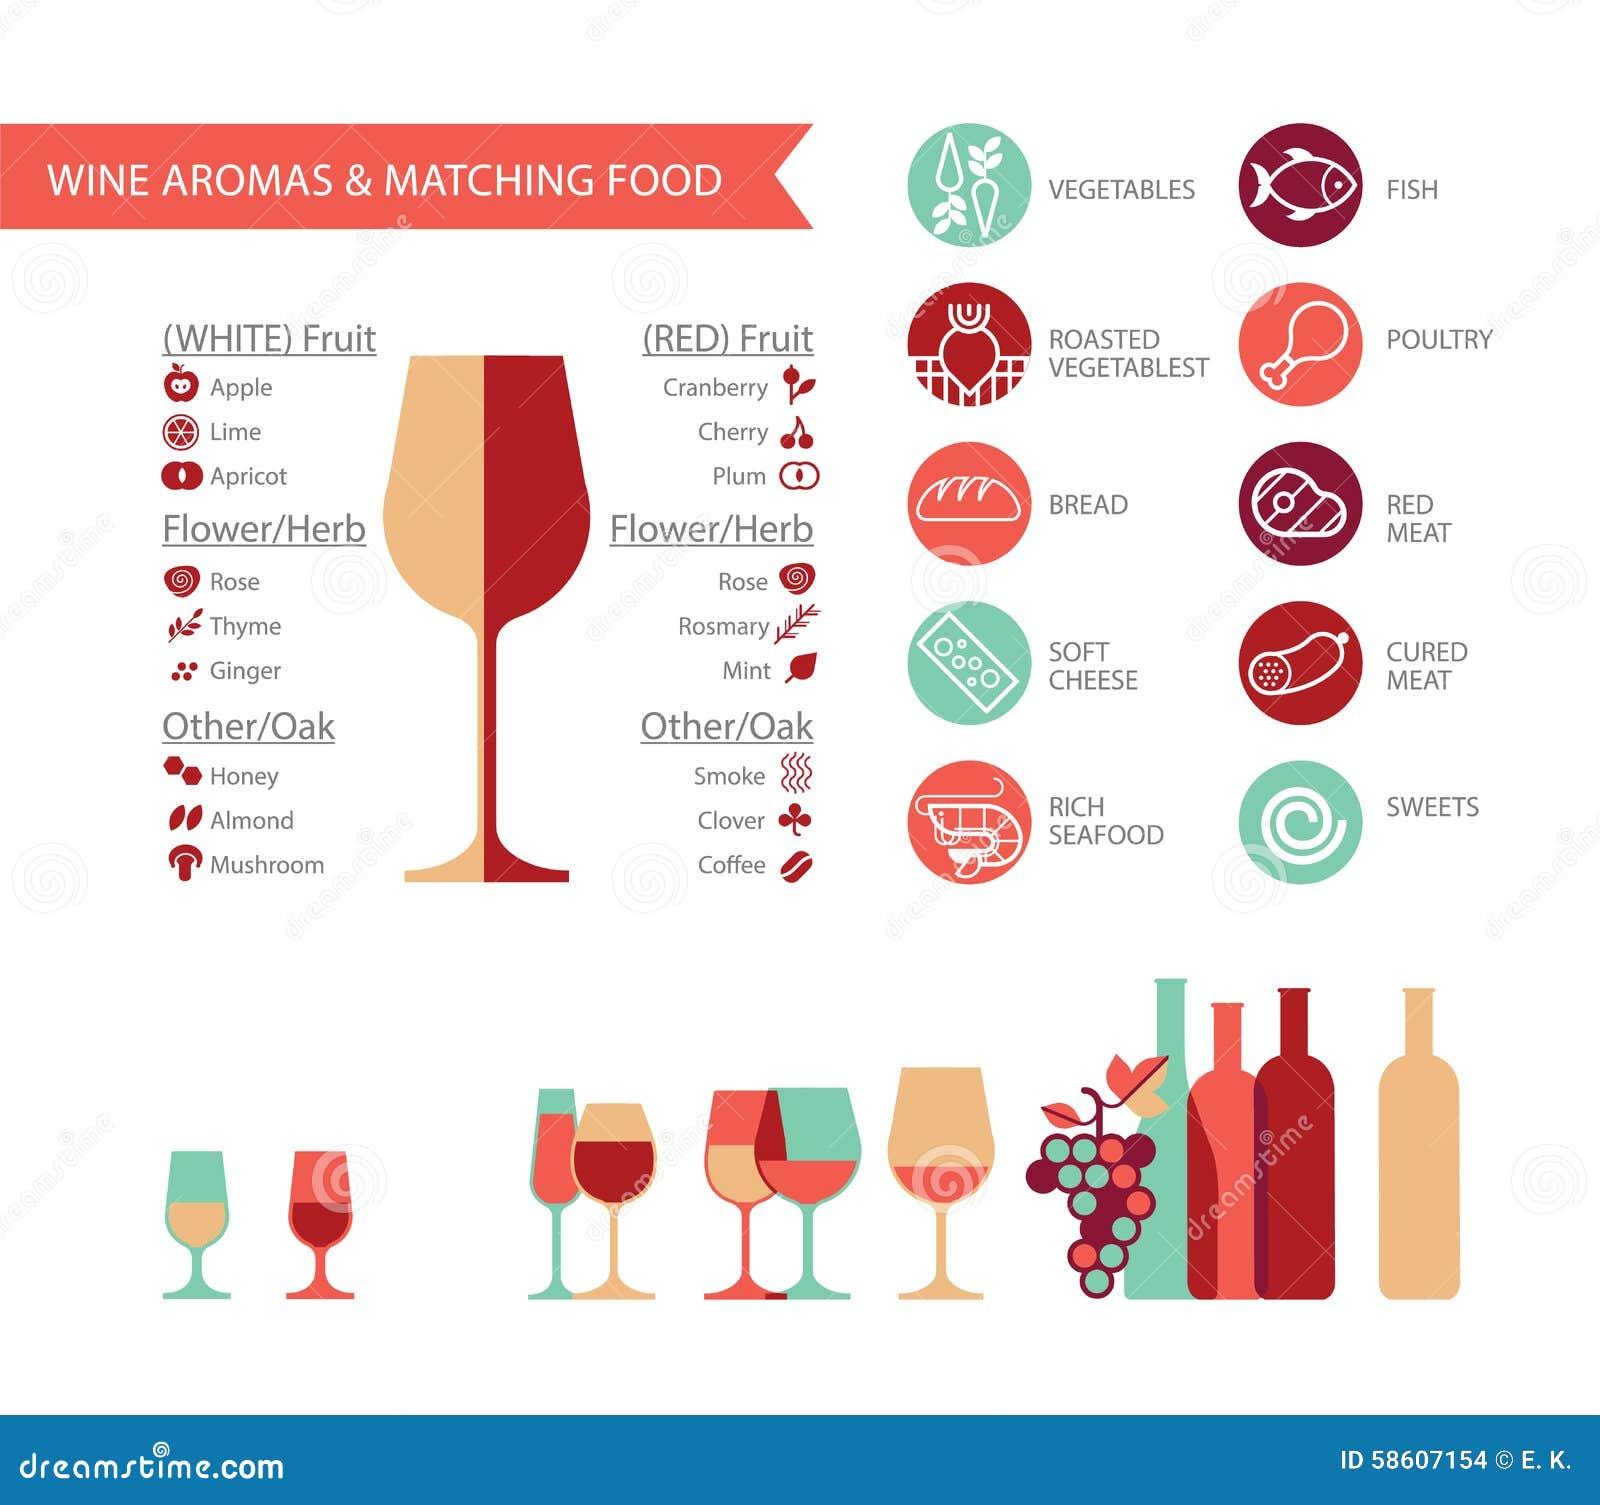 Australian wine businesses capture growing export